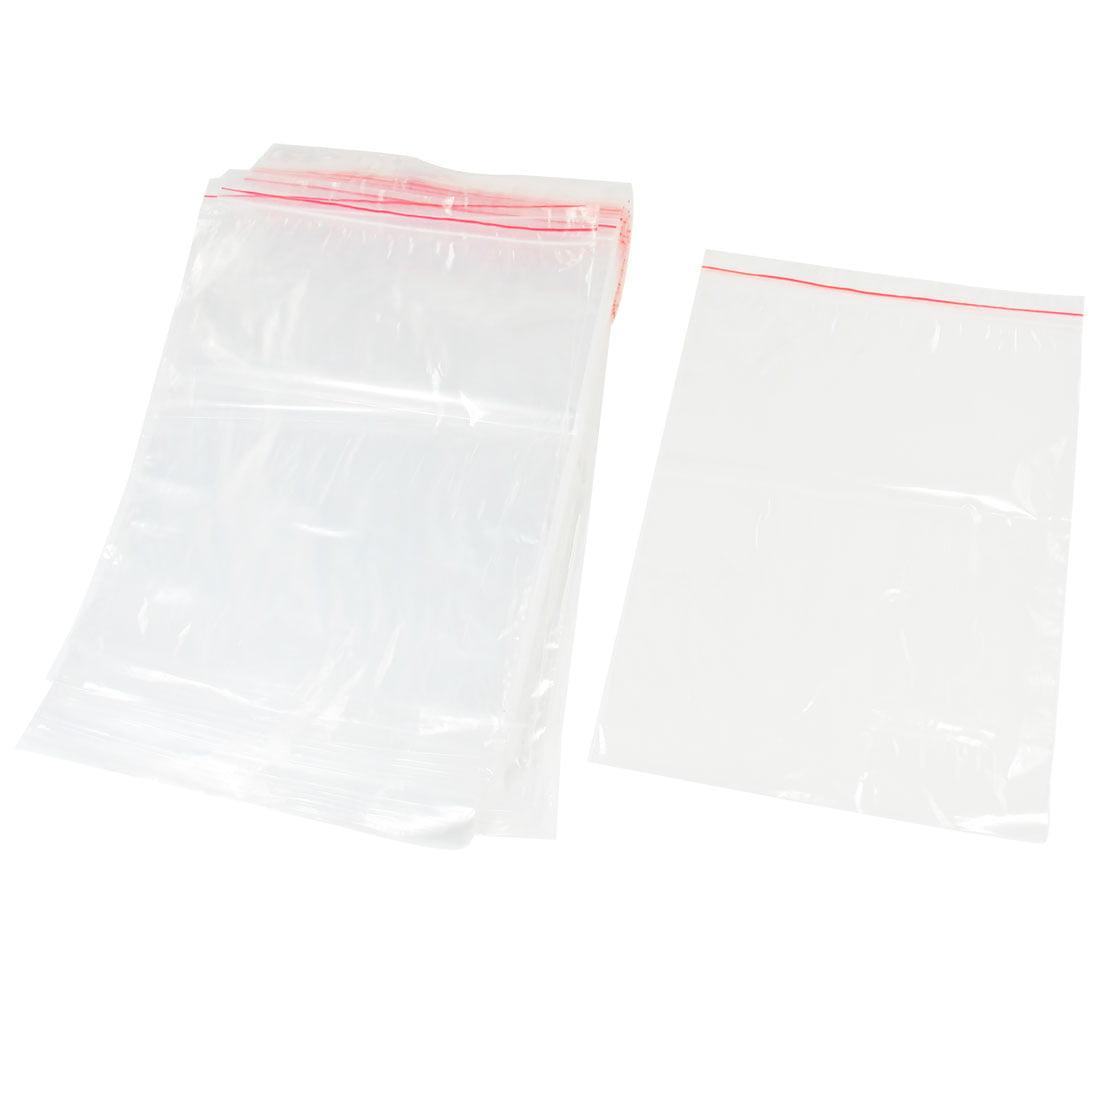 Unique Bargains 100 Pcs 26 x 18cm Supermarket Storage Clear Grip Seal Bags